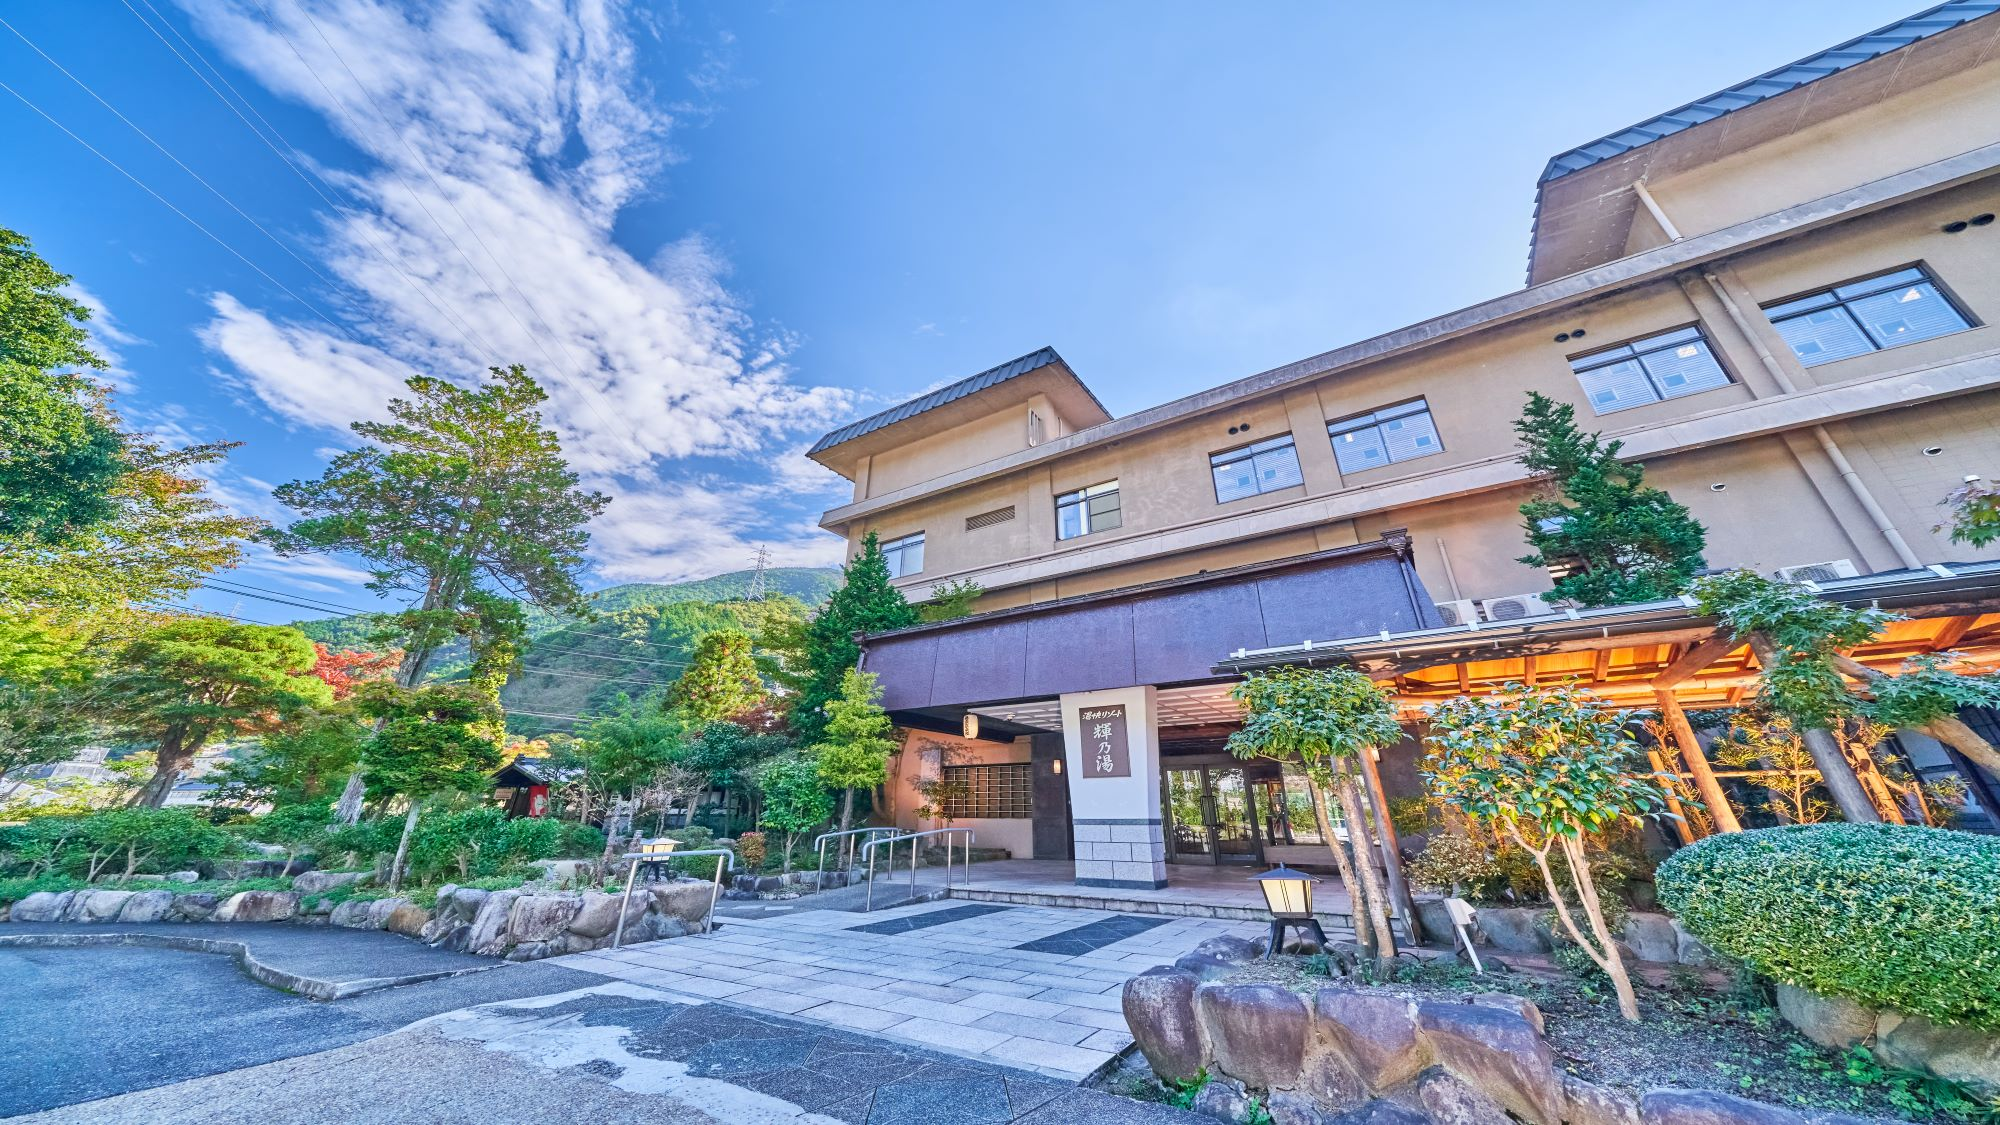 湯原温泉で卓球と温泉が楽しめる旅館はありますか?